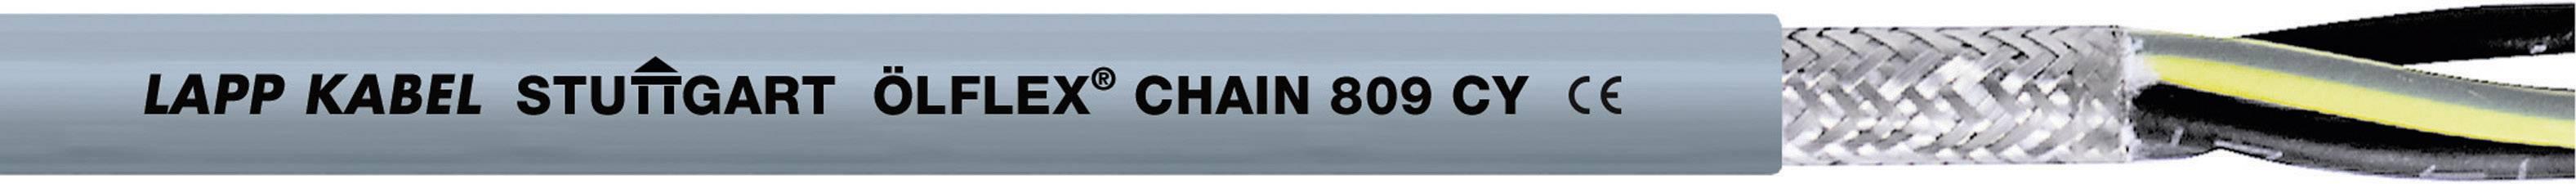 Žíla kabelu LappKabel ÖLFLEX CHAIN 809 CY 4G4 (1026788), 4x 4 mm², PVC, Ø 11,9 mm, stíněný, 100 m, šedá